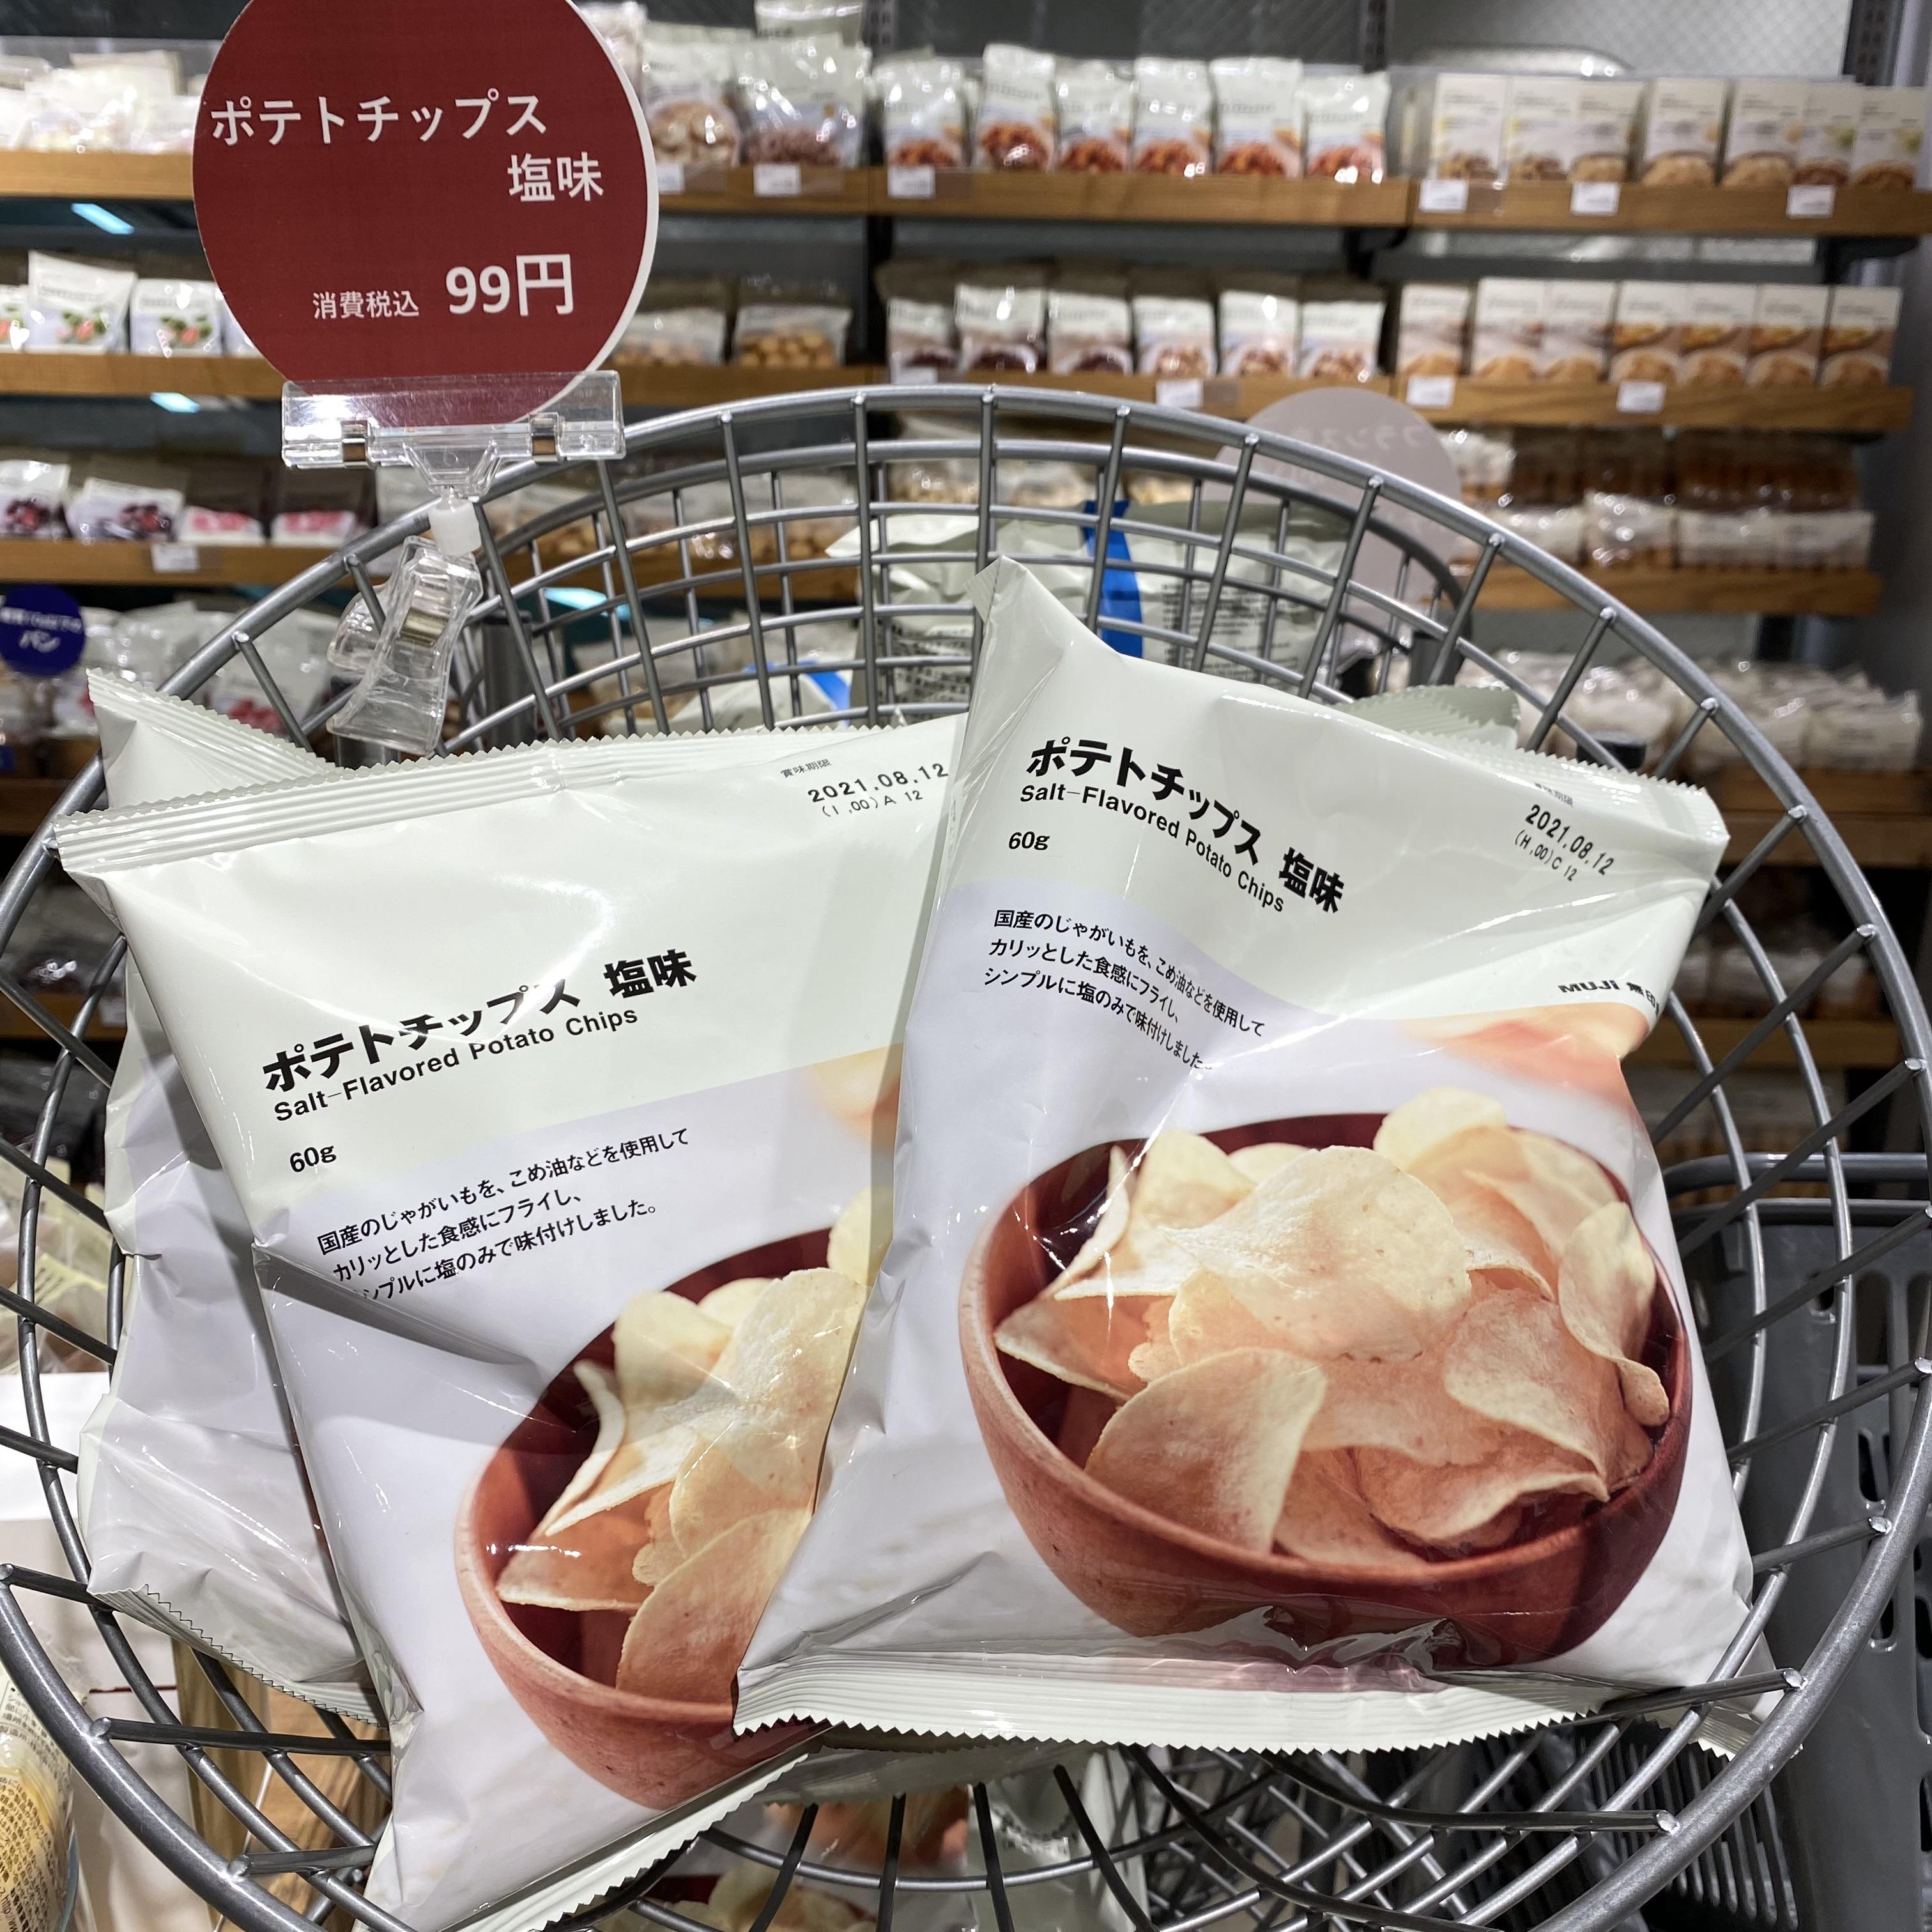 無印良品 ポテトチップス 塩味 格安 99円